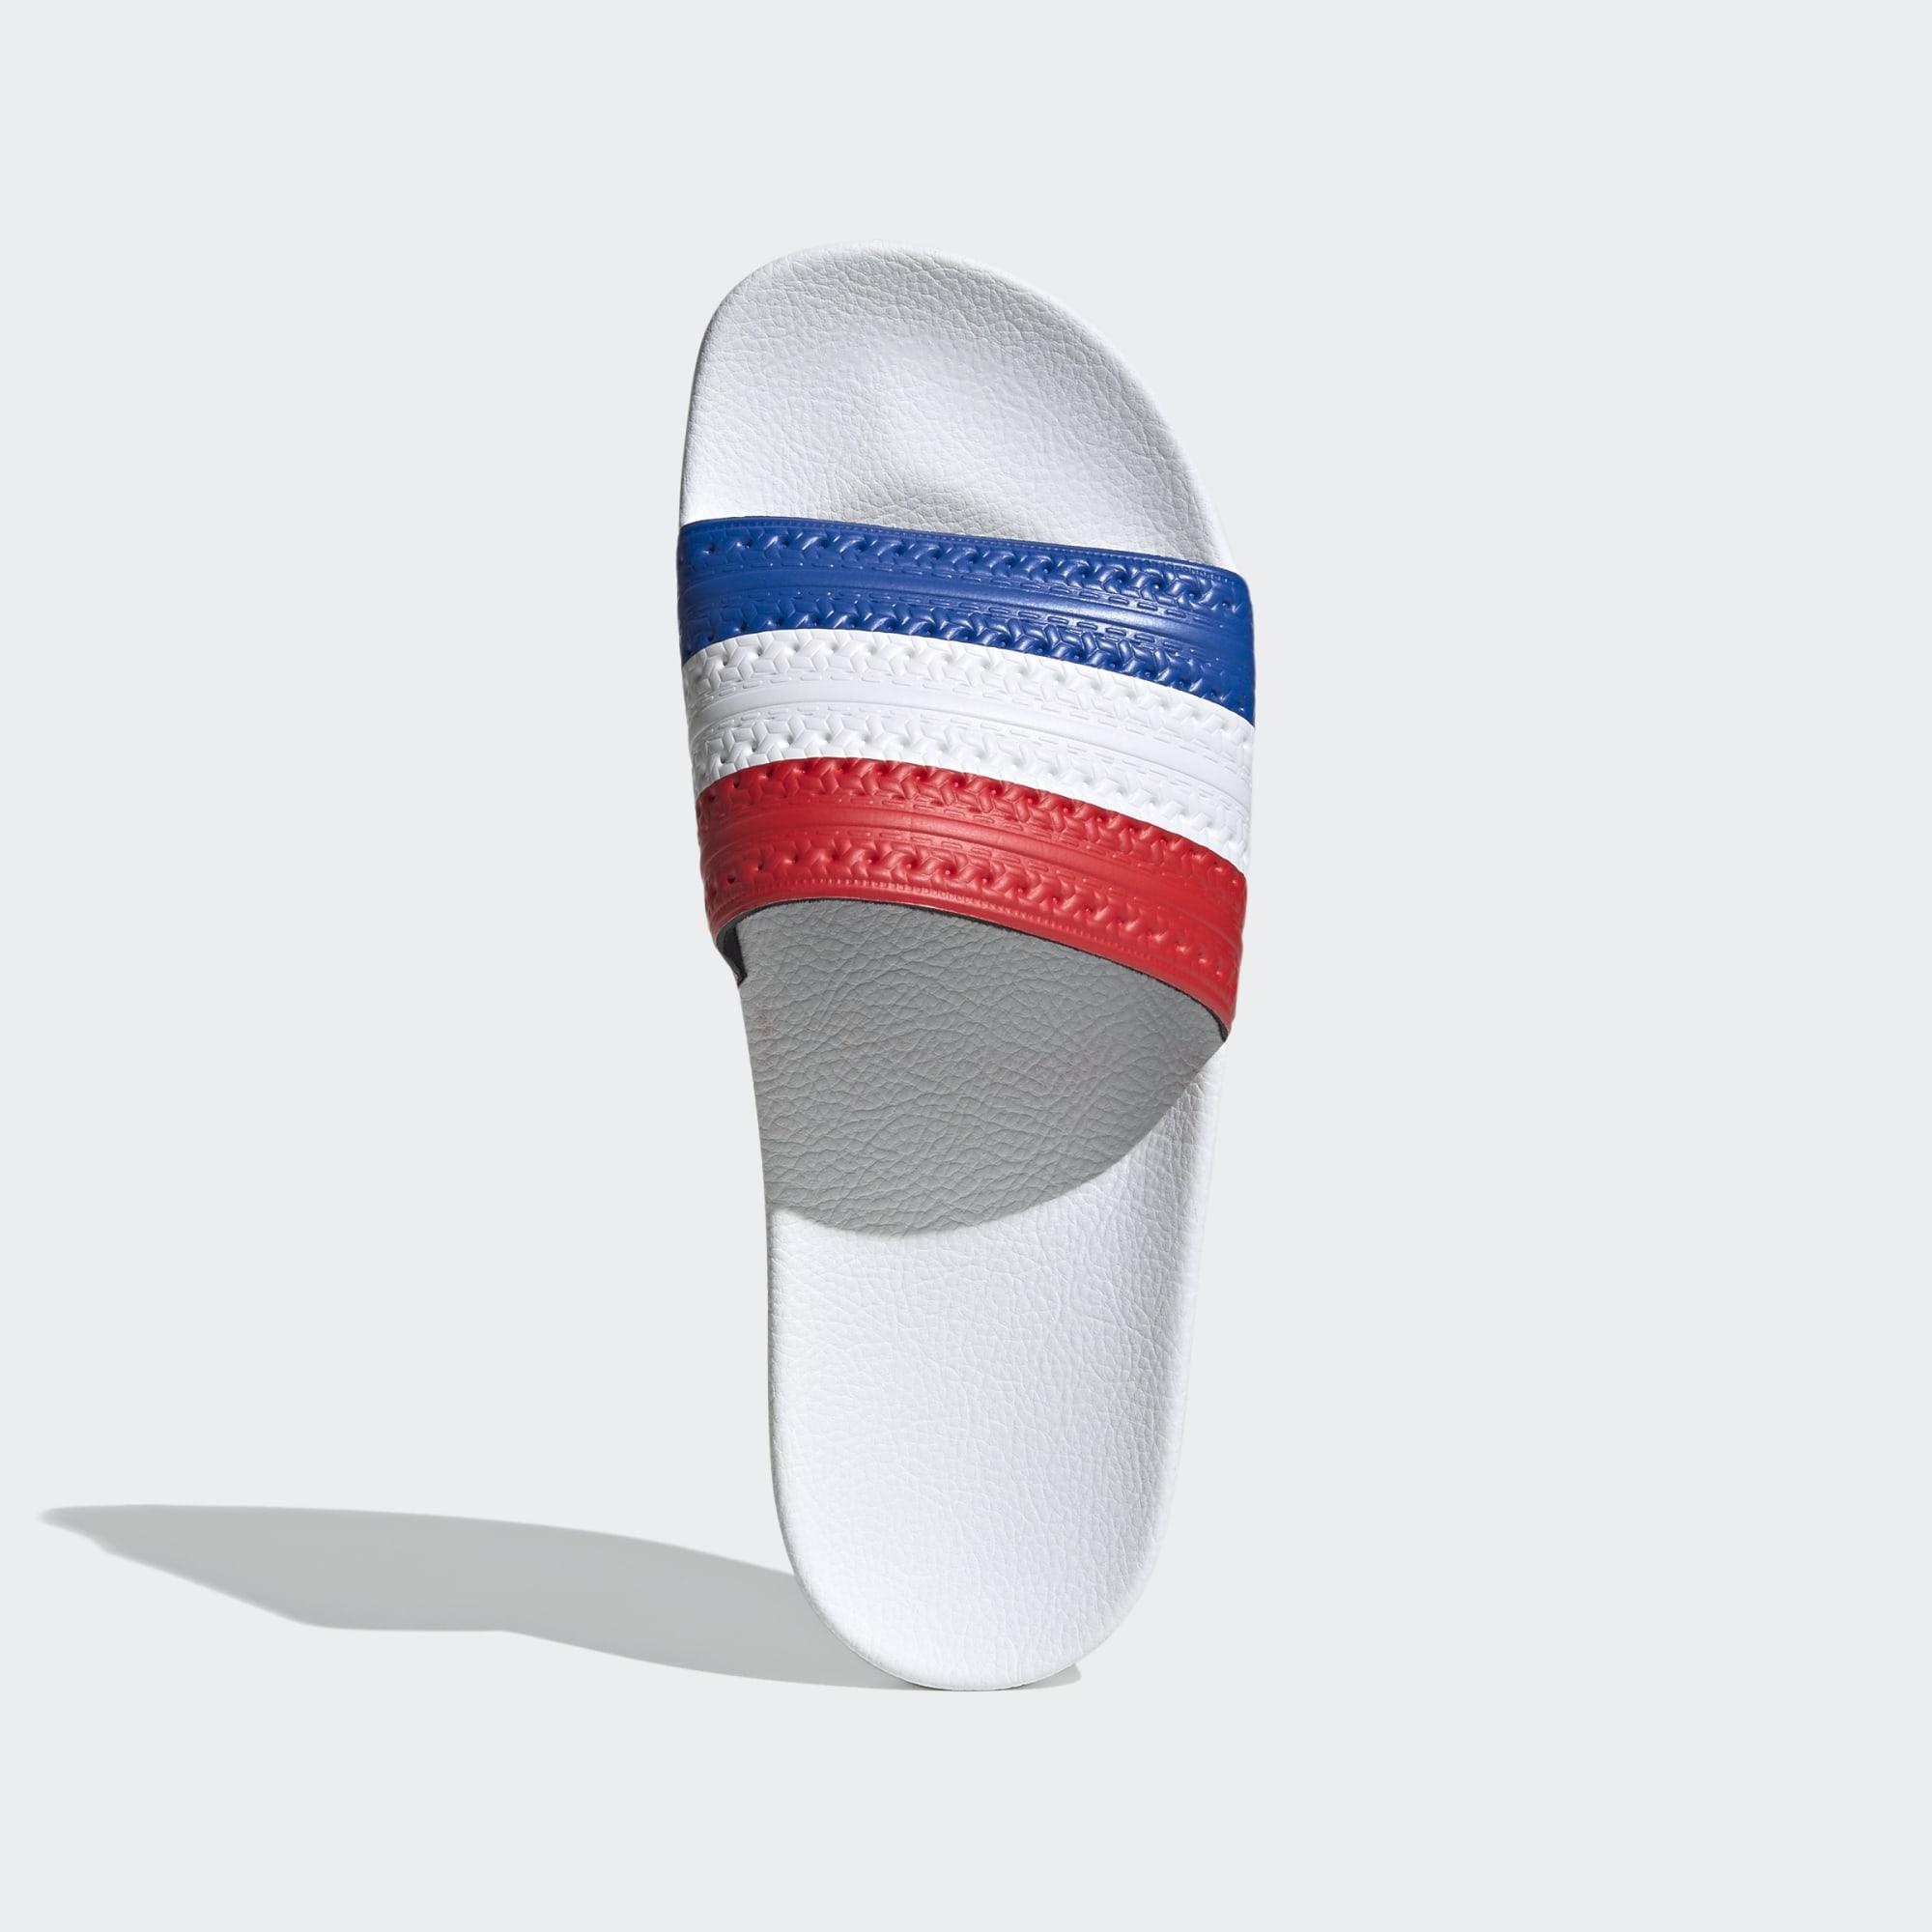 Con bandera francesa.